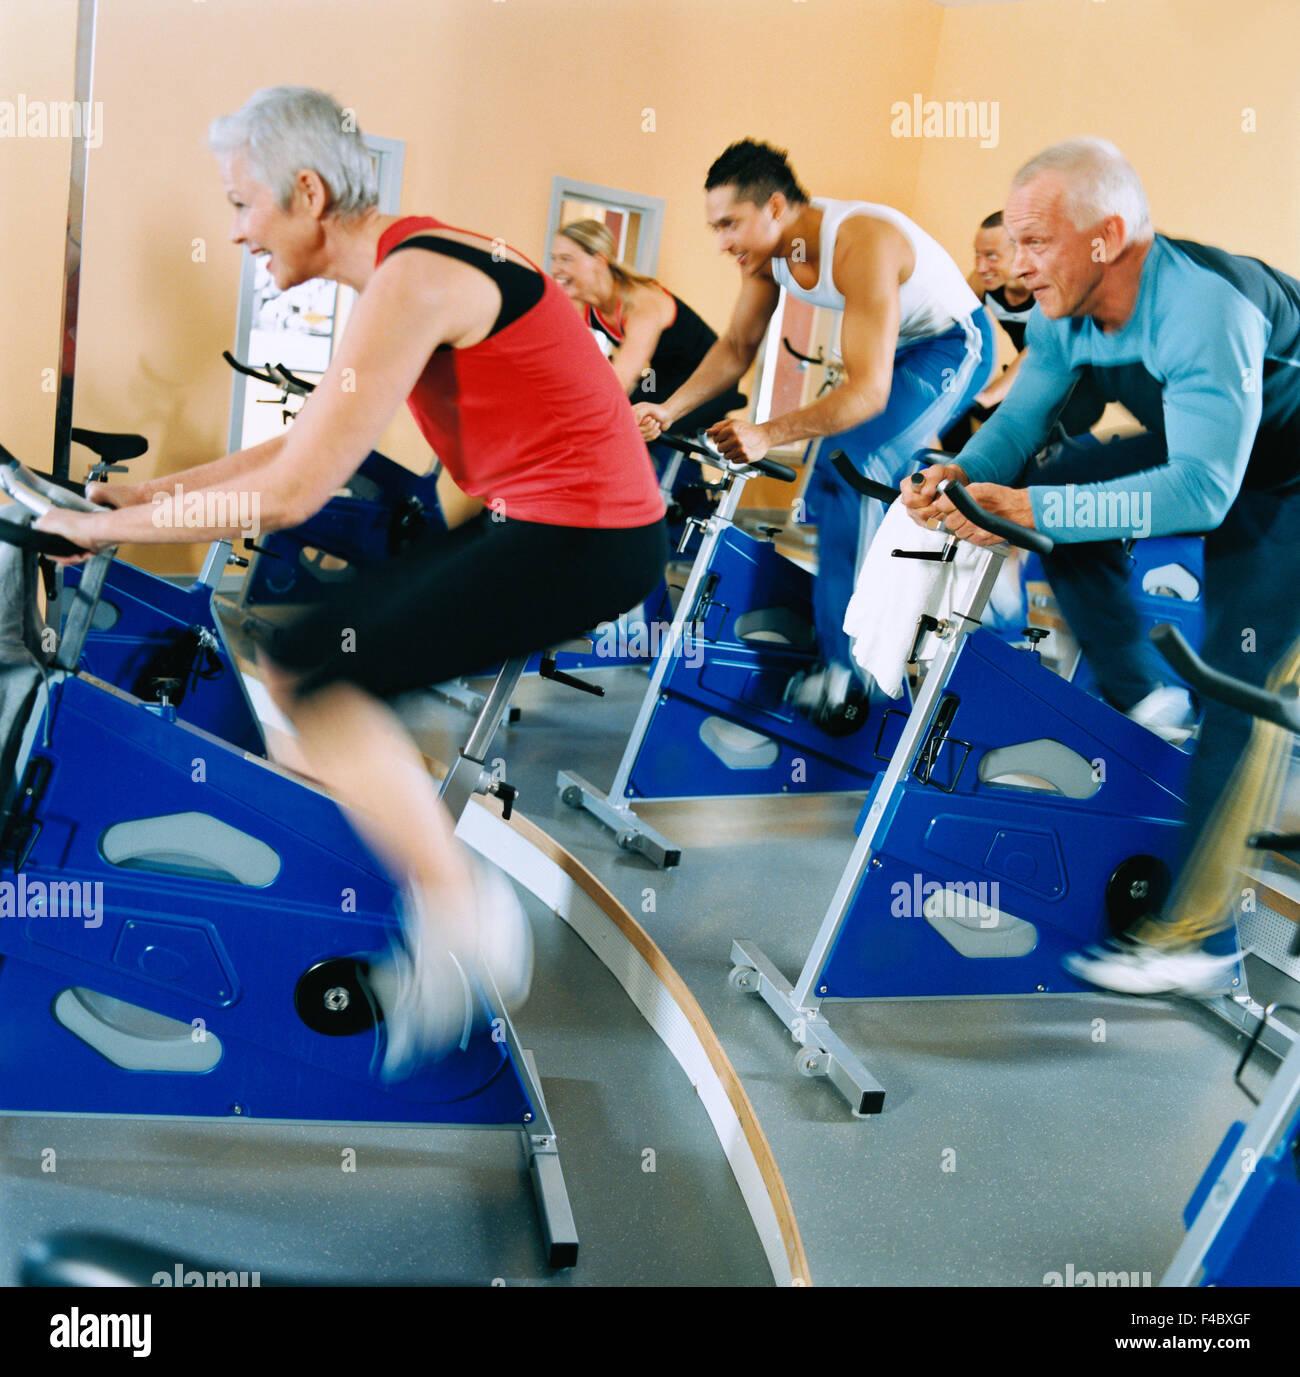 20-24 ans 30-34 ans adultes activité seul athlète location bodybuilding cycle image couleur l'exercice Photo Stock